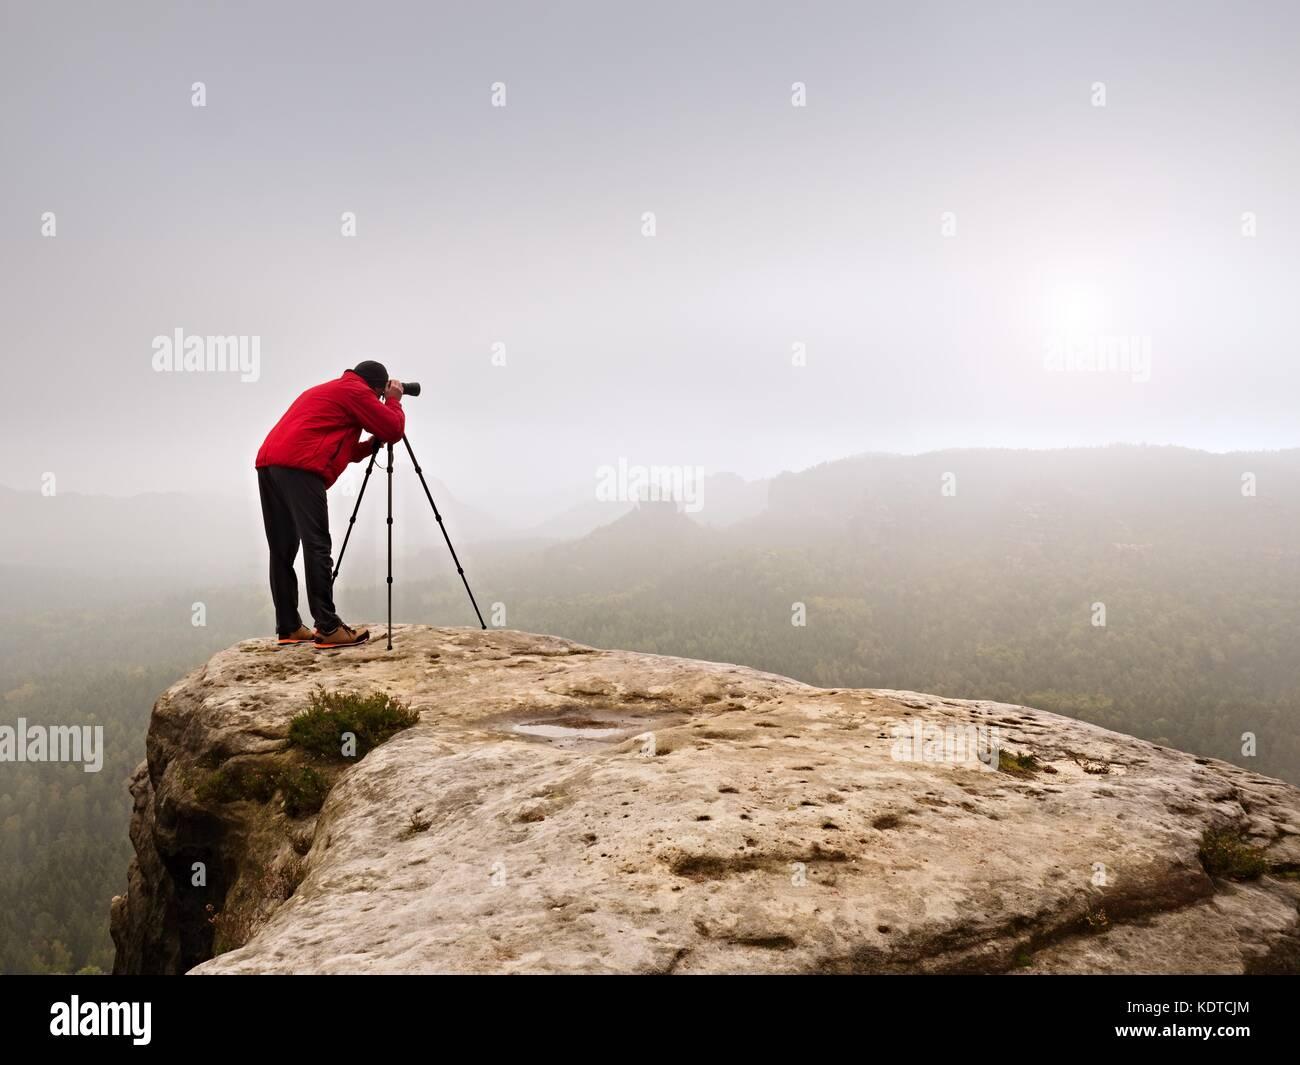 Photographr à viseur dans Appareil photo numérique reflex numérique de position sur trépied. Photo Stock